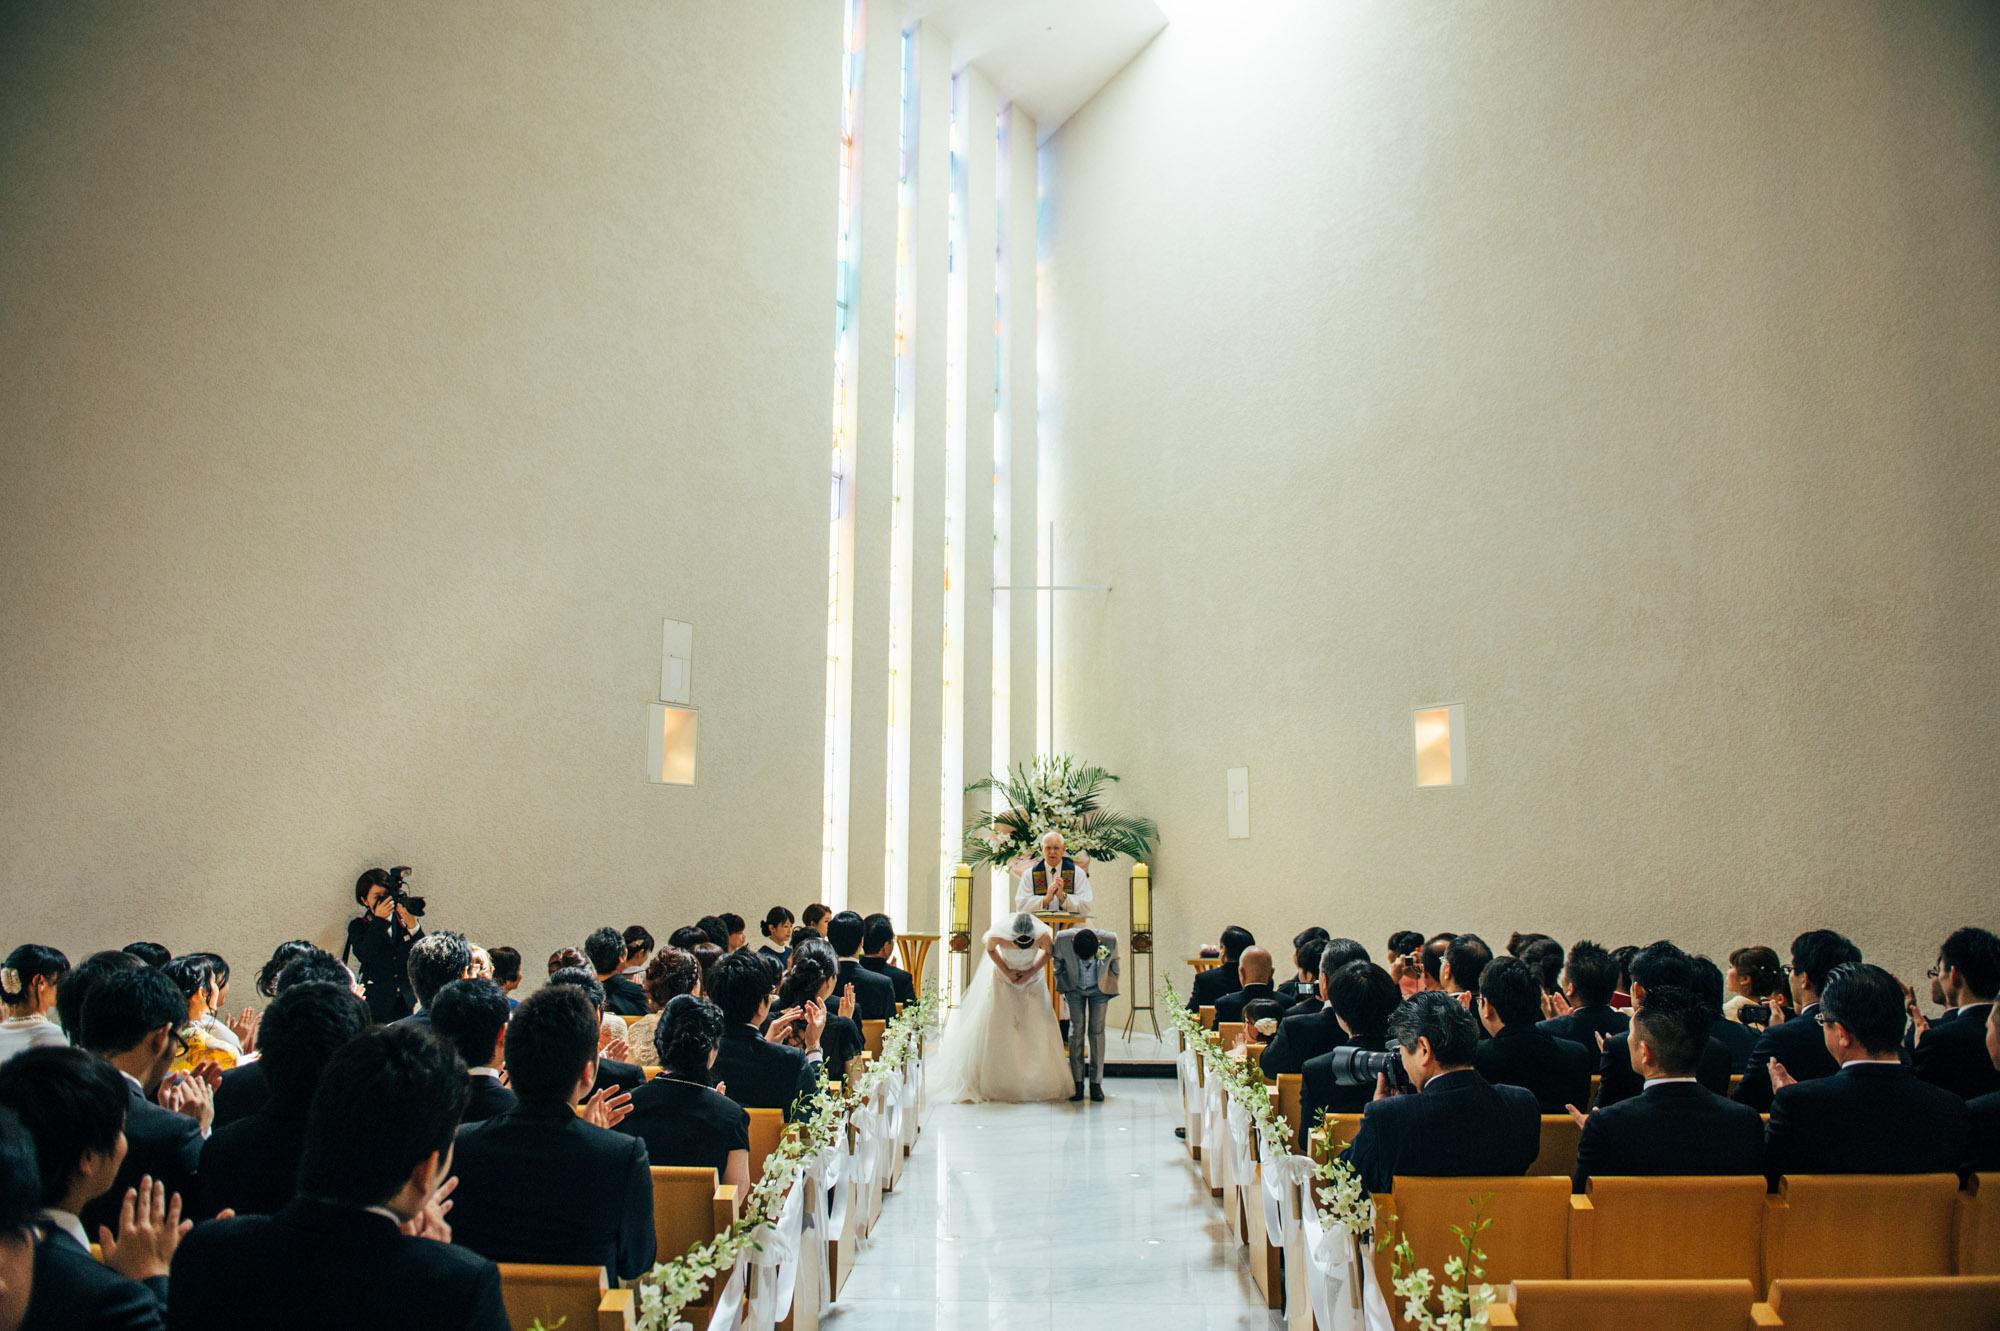 hilton wedding35